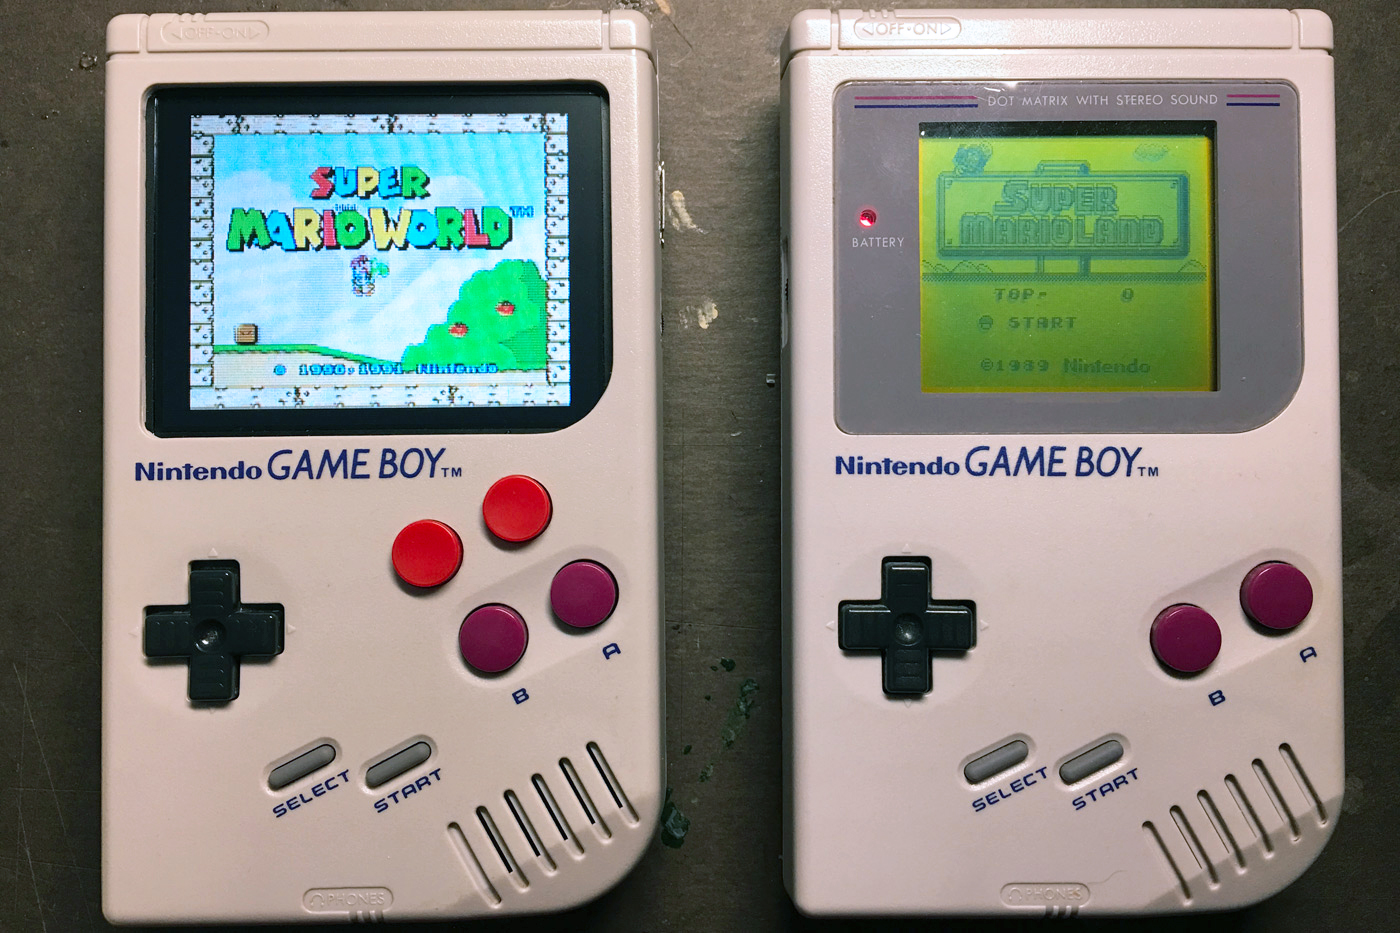 Un Game Boy Que Corre Todos Los Juegos De Super Nintendo Video Tec